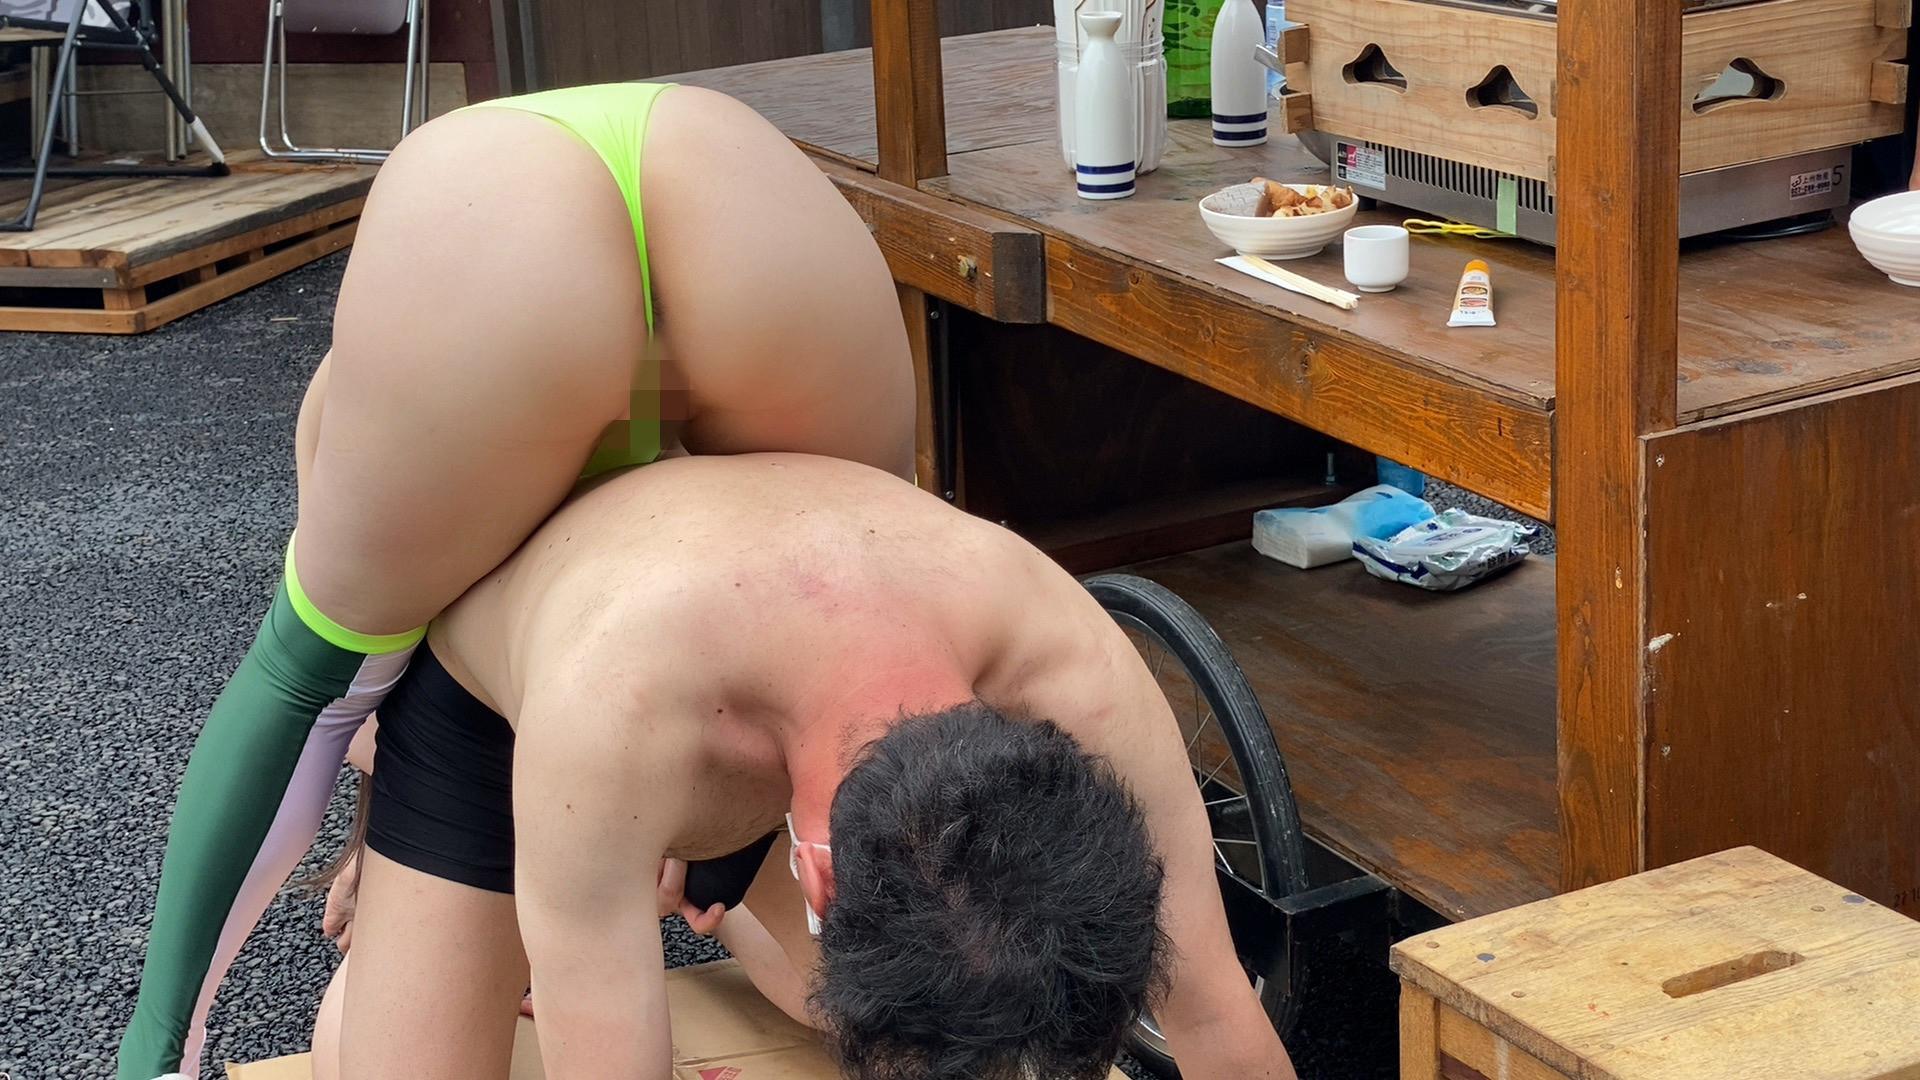 スーパードキュメント屋台ファック~おでん屋編~ RQ富井美帆